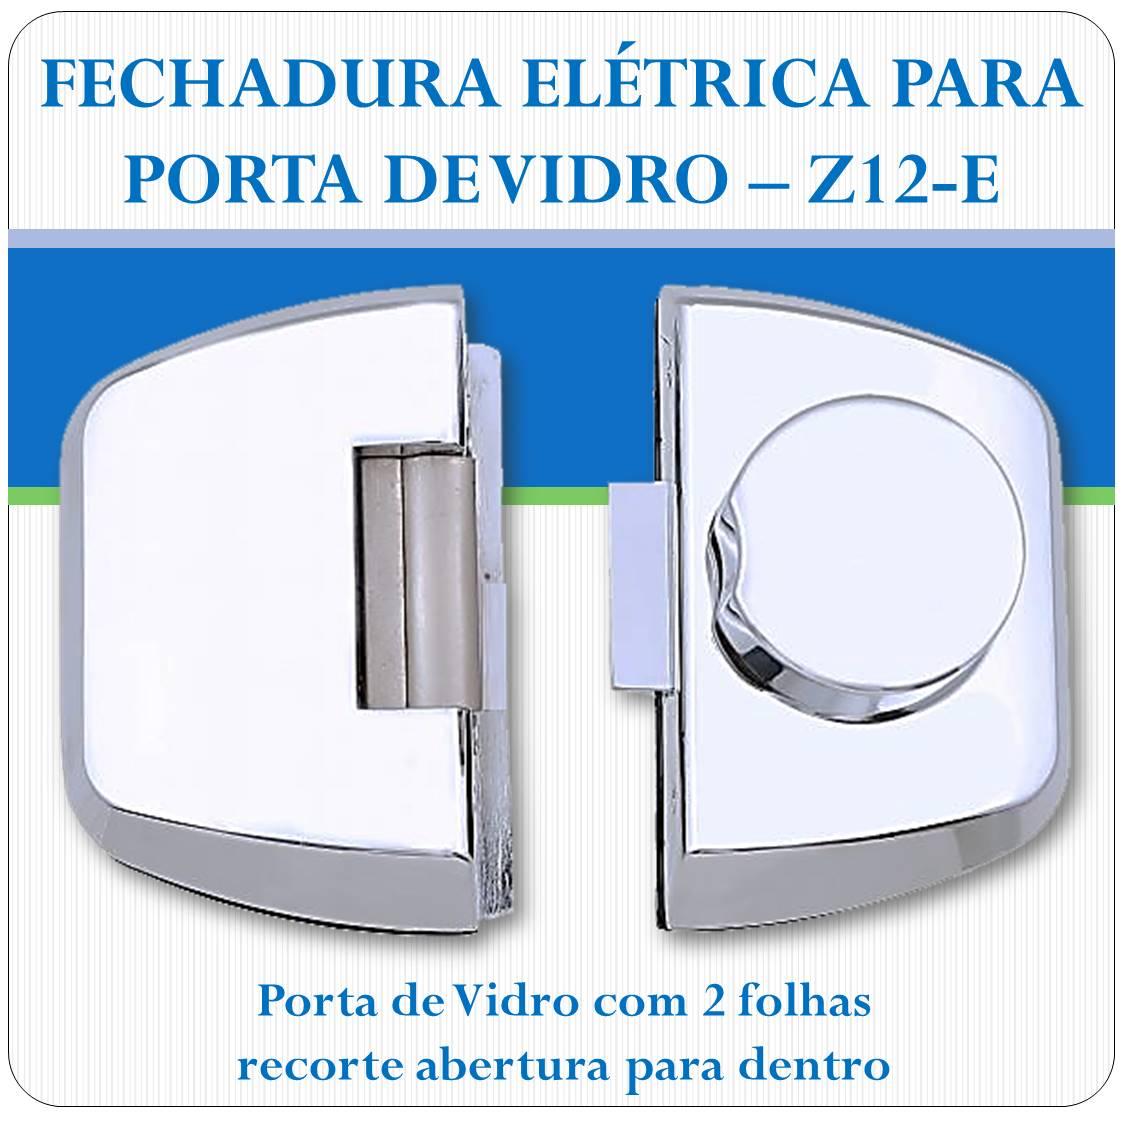 Fechadura Eletrica Porta de Vidro - Z-12E